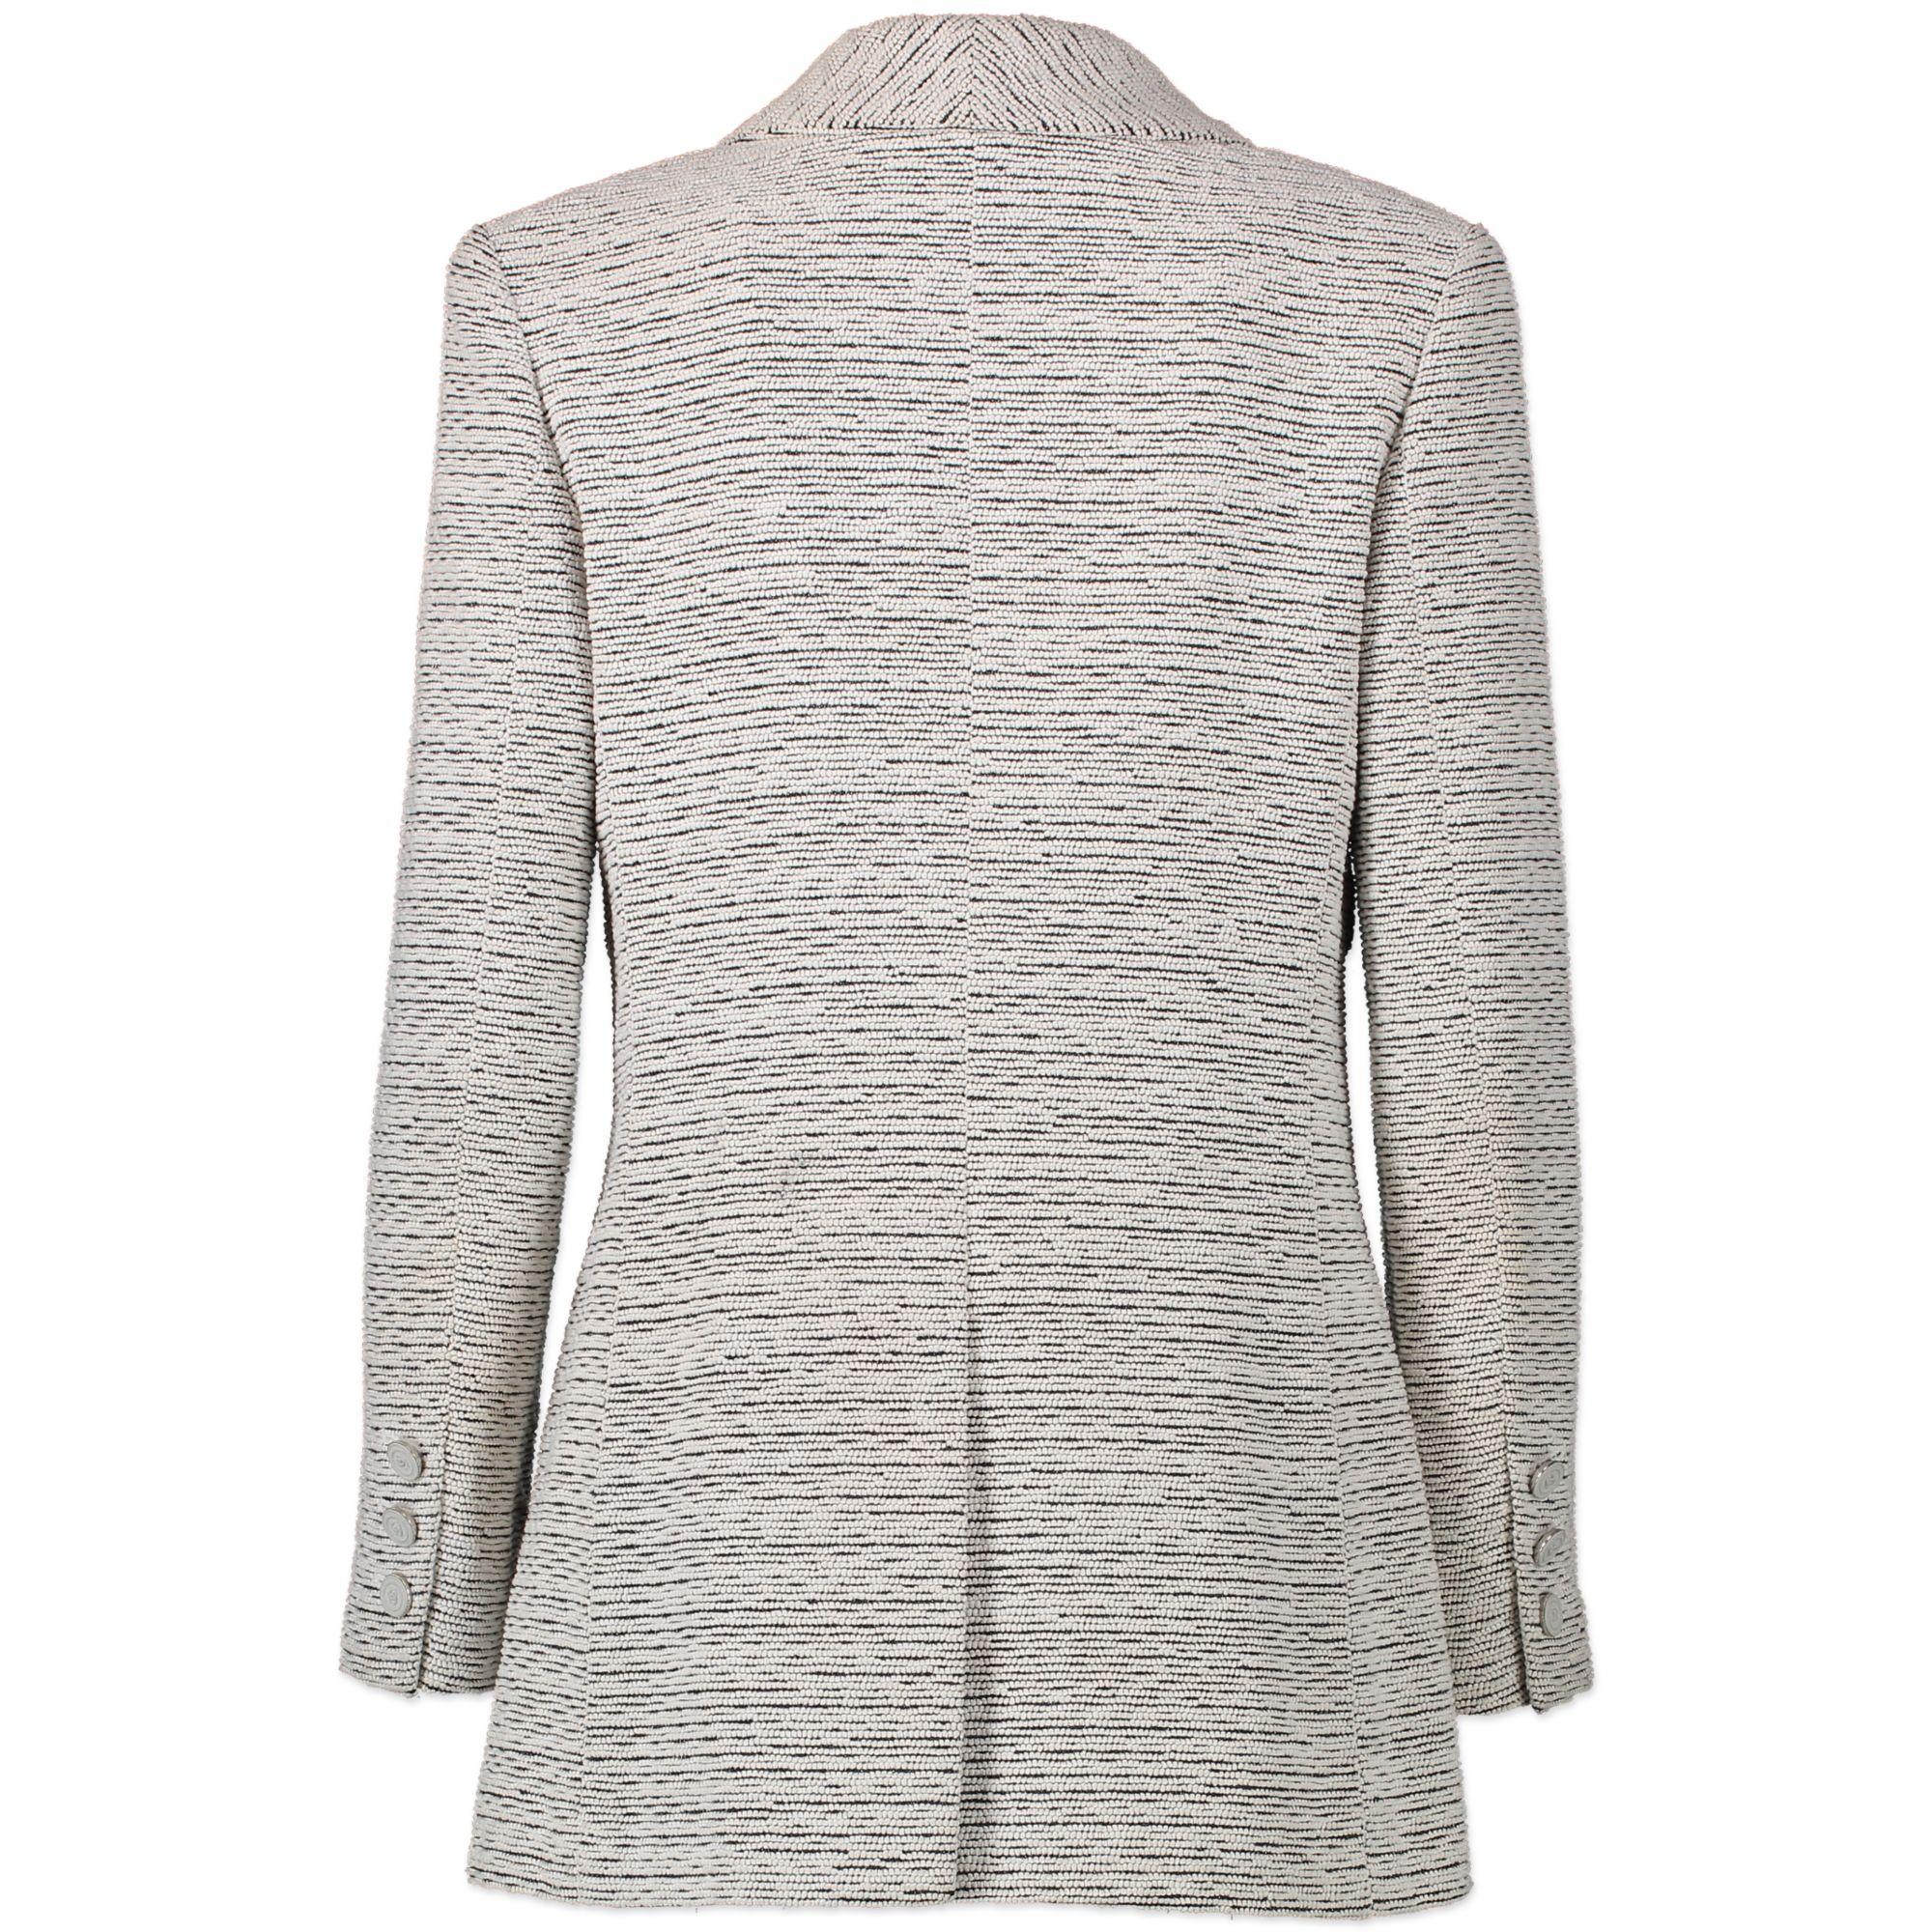 Chanel White Textured Blazer pour le meilleur prix chez Labellov à Anvers Belgique